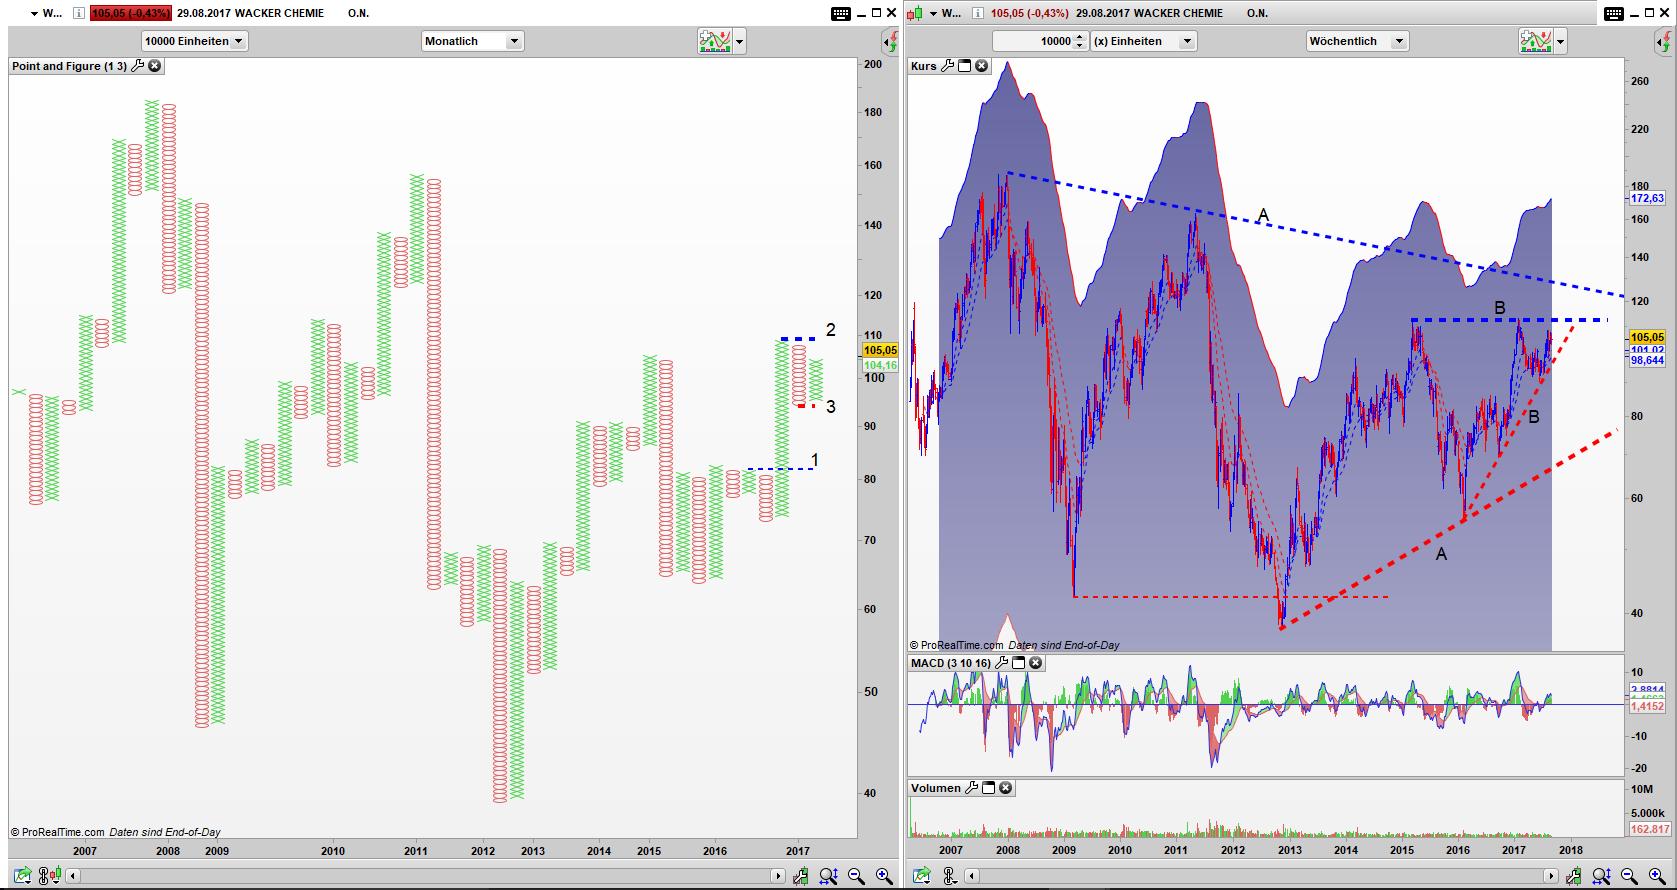 WCH Point and Figure Monats Chart, Bar Wochen Chart: gefangen in einem großen Dreieck